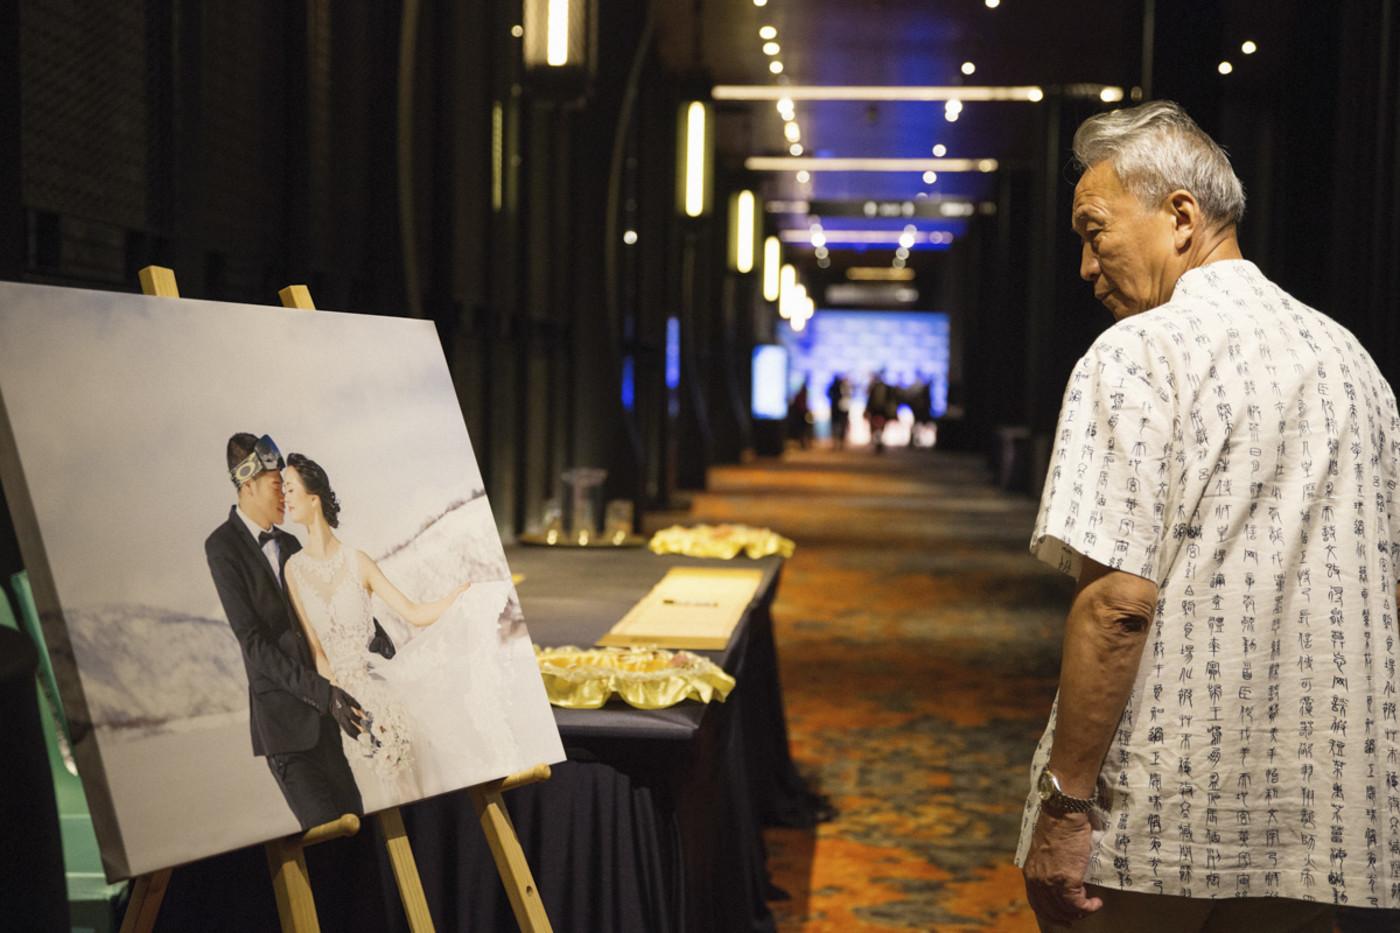 「KAI 婚礼纪实」一场来自宝岛台湾的婚礼16